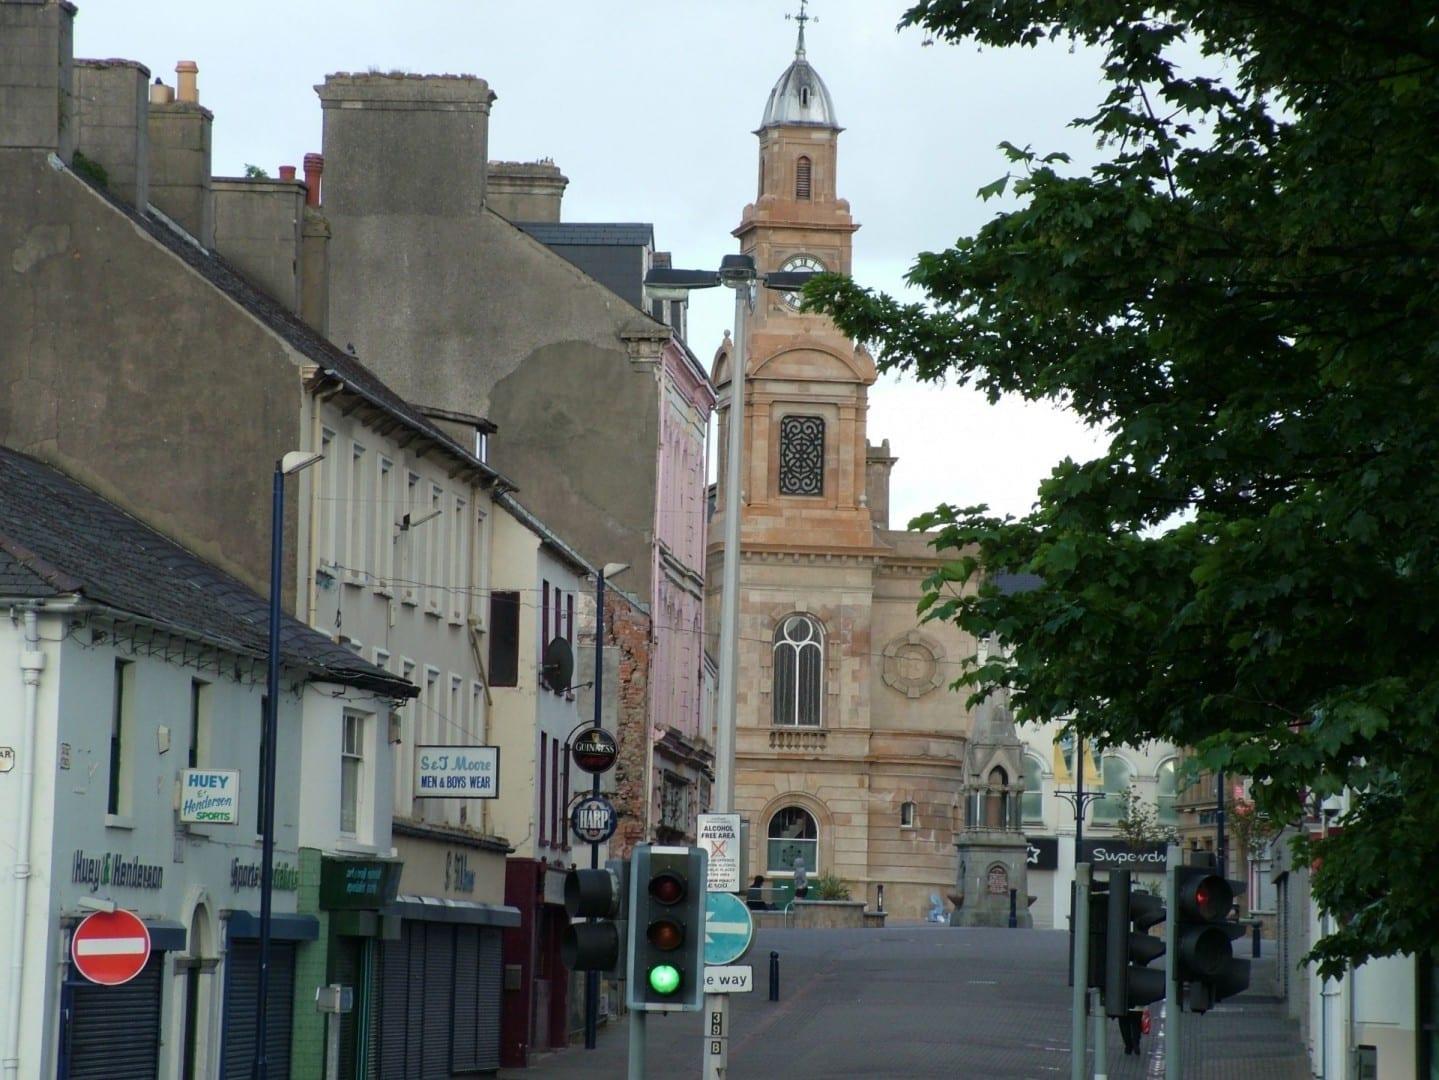 Zona peatonal de Coleraine Coleraine Reino Unido